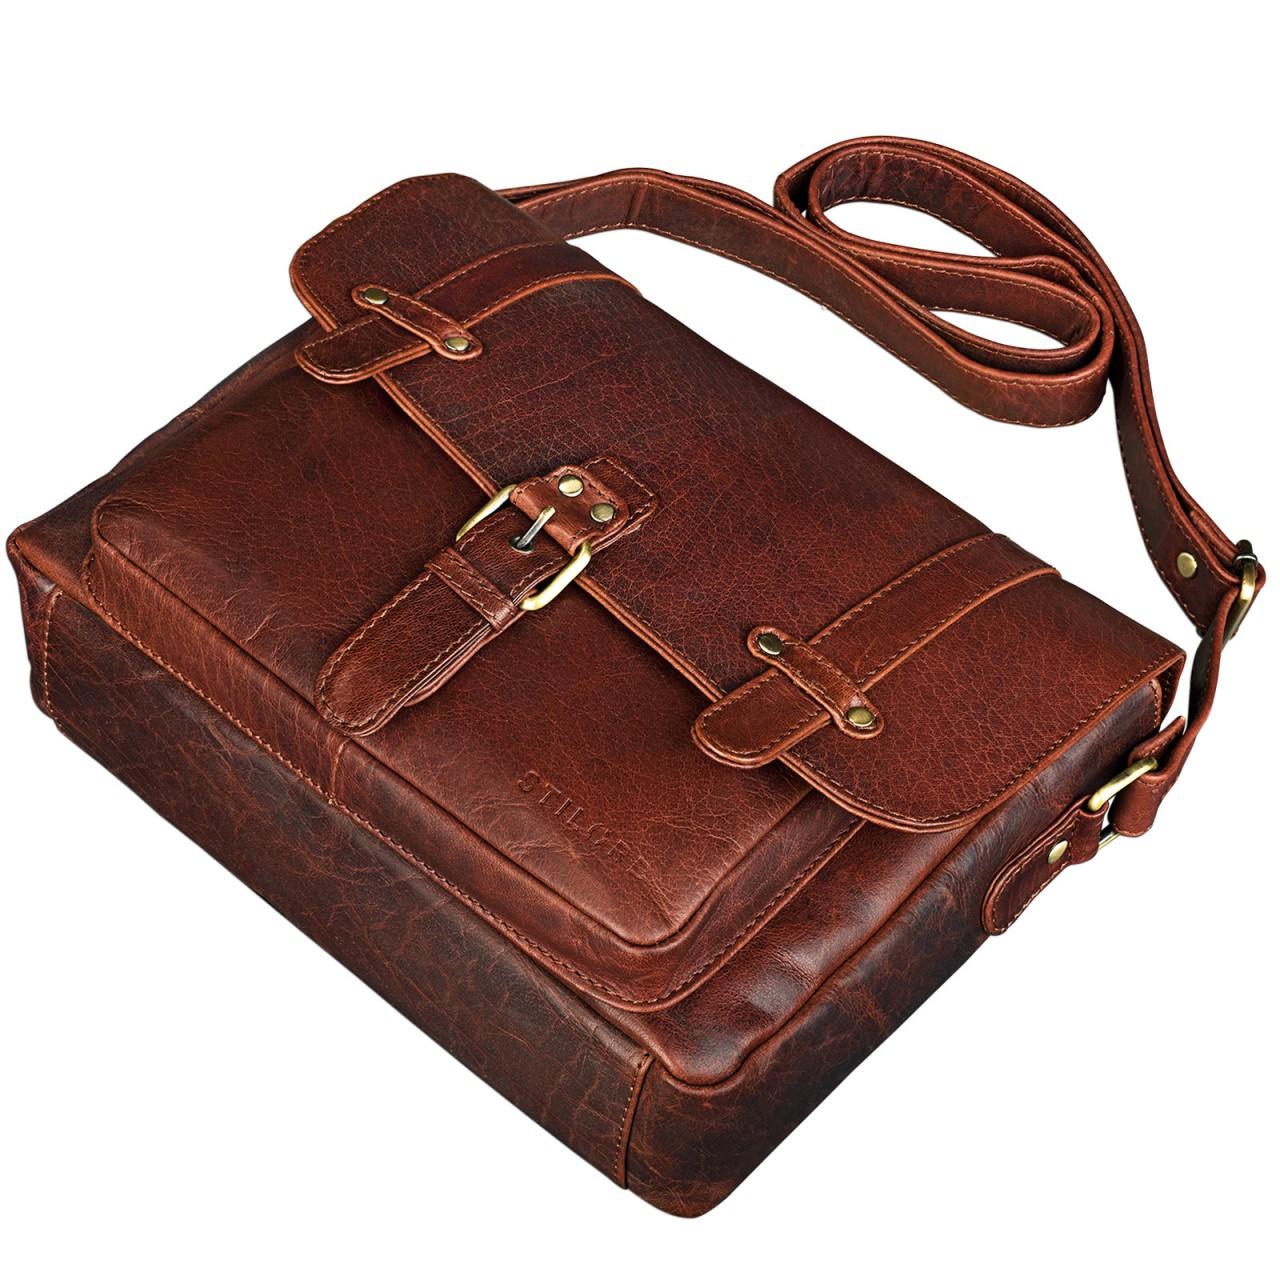 """STILORD """"Lara"""" Vintage Umhängetasche Damen klein Leder Handtasche zum Ausgehen Party Freizeit Umhängetasche Schultertasche 10.1 Zoll Tablettasche echtes Leder - Bild 12"""